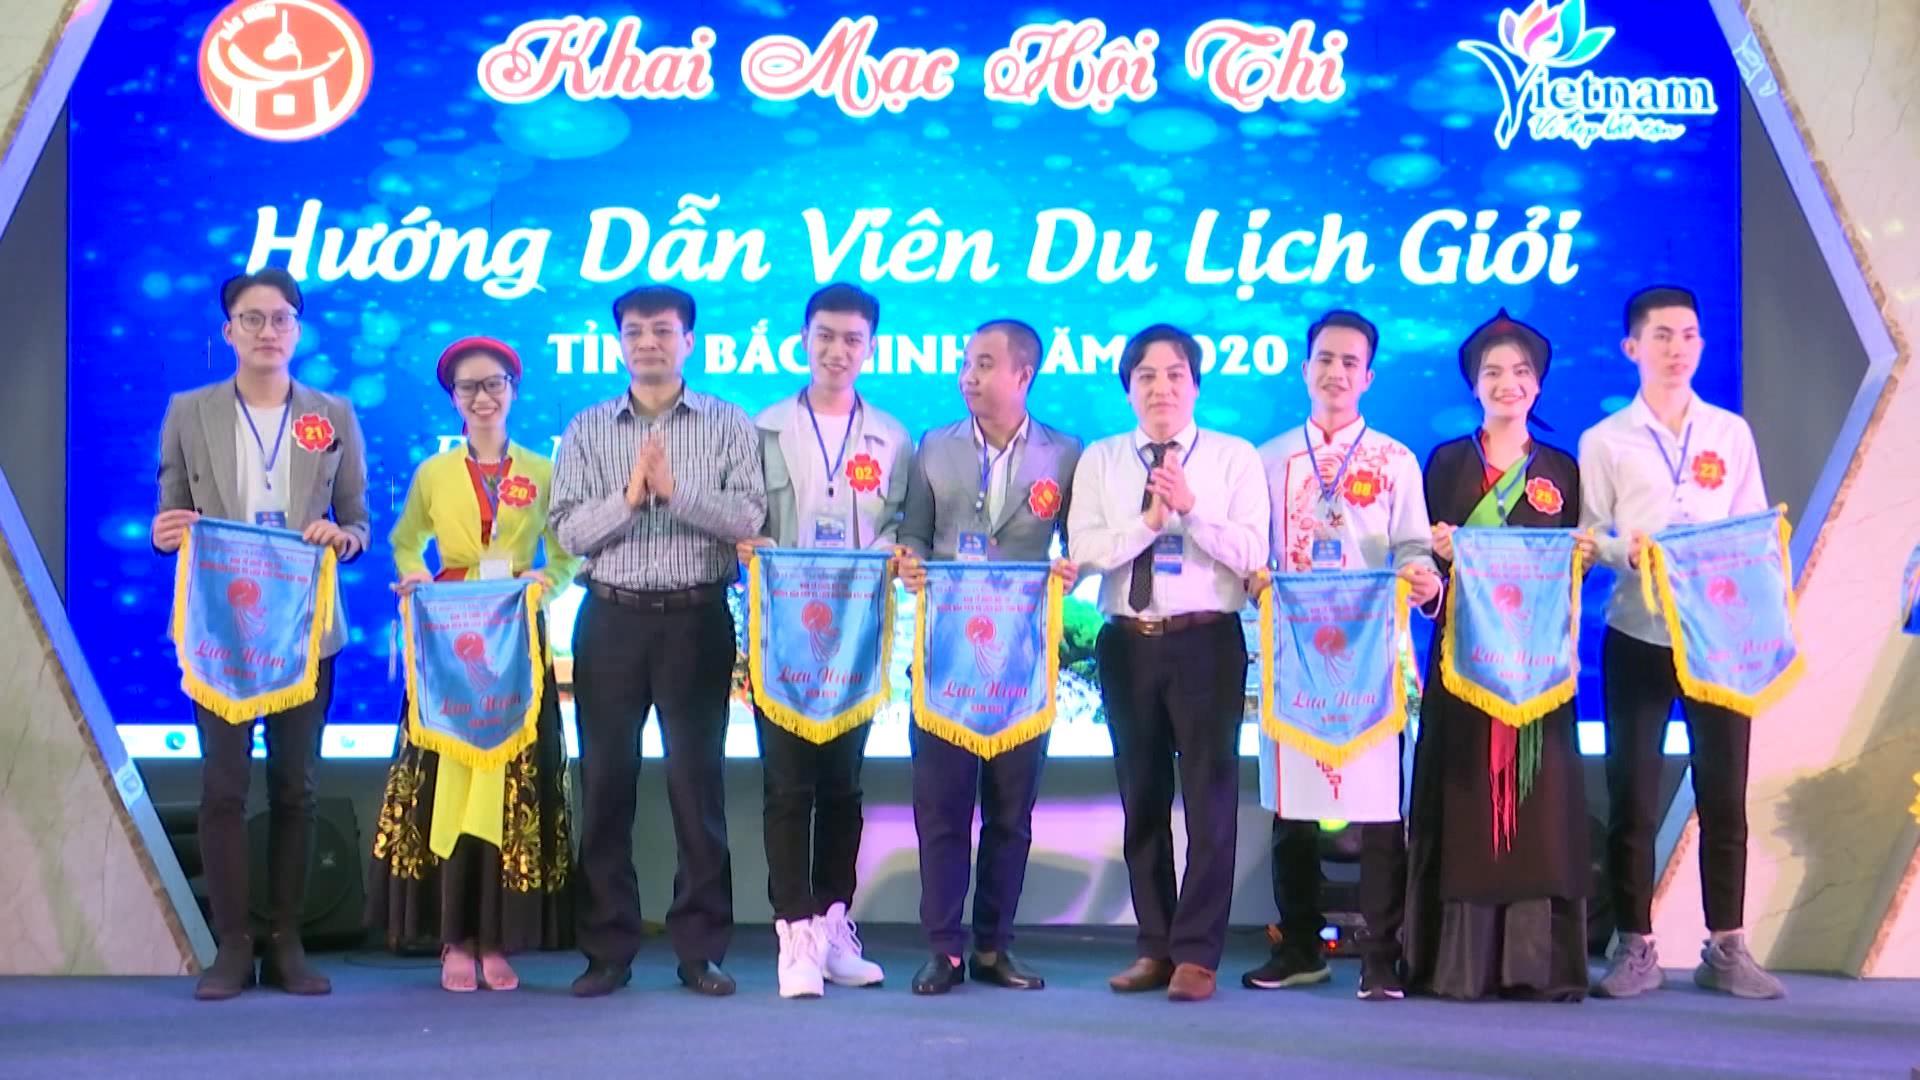 """Hội thi """"Hướng dẫn viên du lịch giỏi tỉnh Bắc Ninh"""" năm 2020"""